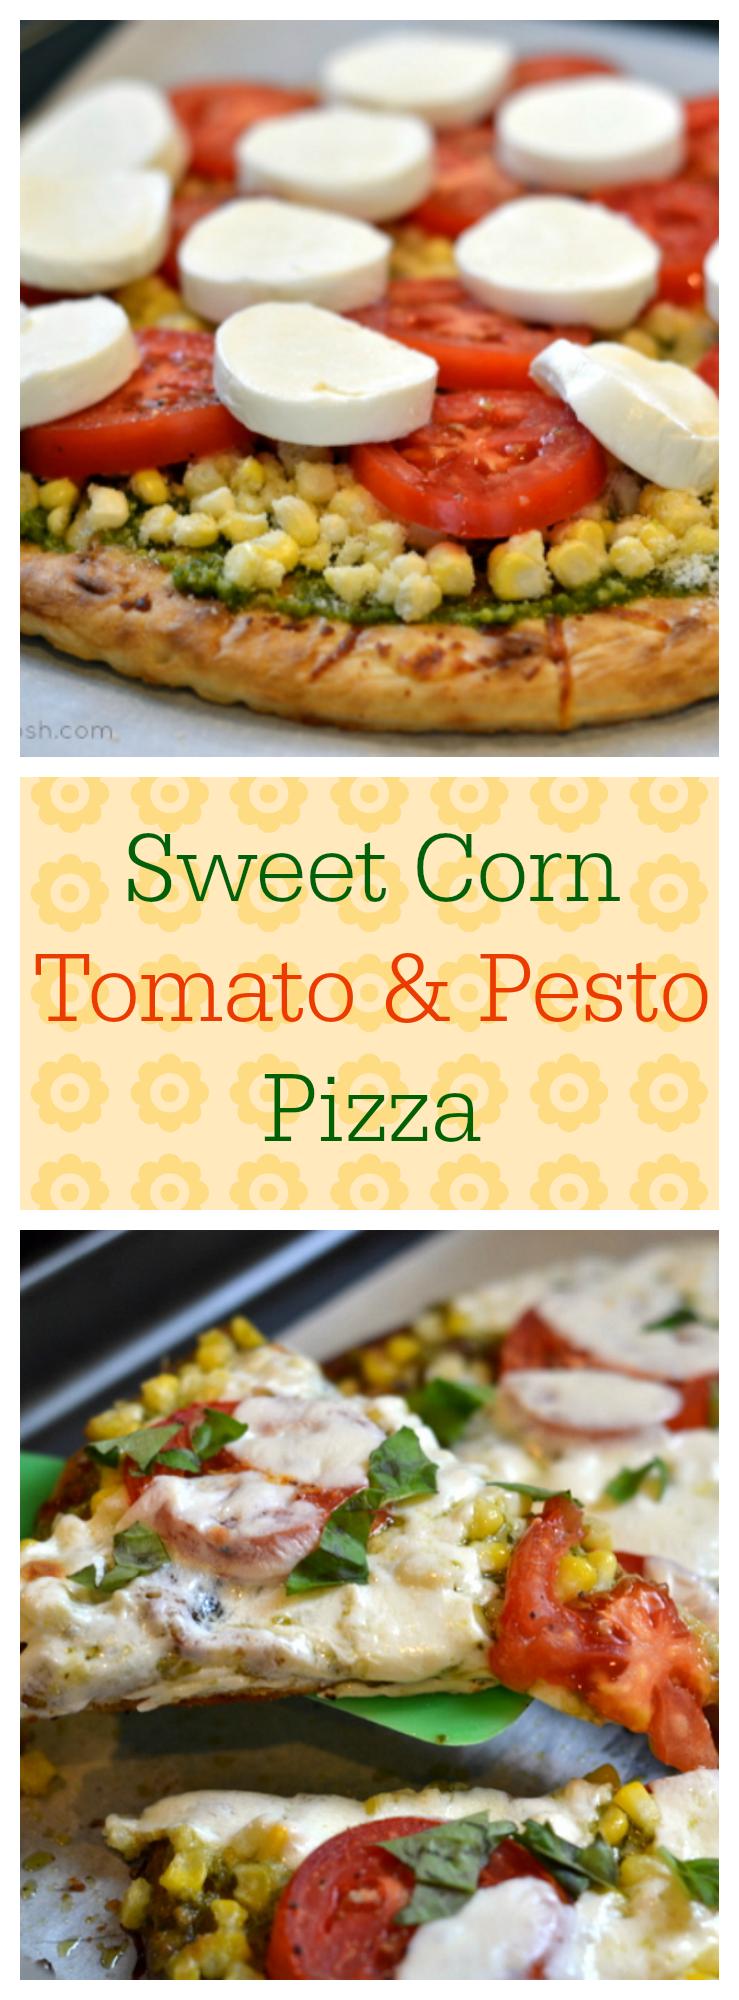 Sweet Corn, Tomato and Pesto Pizza - Chew Nibble Nosh